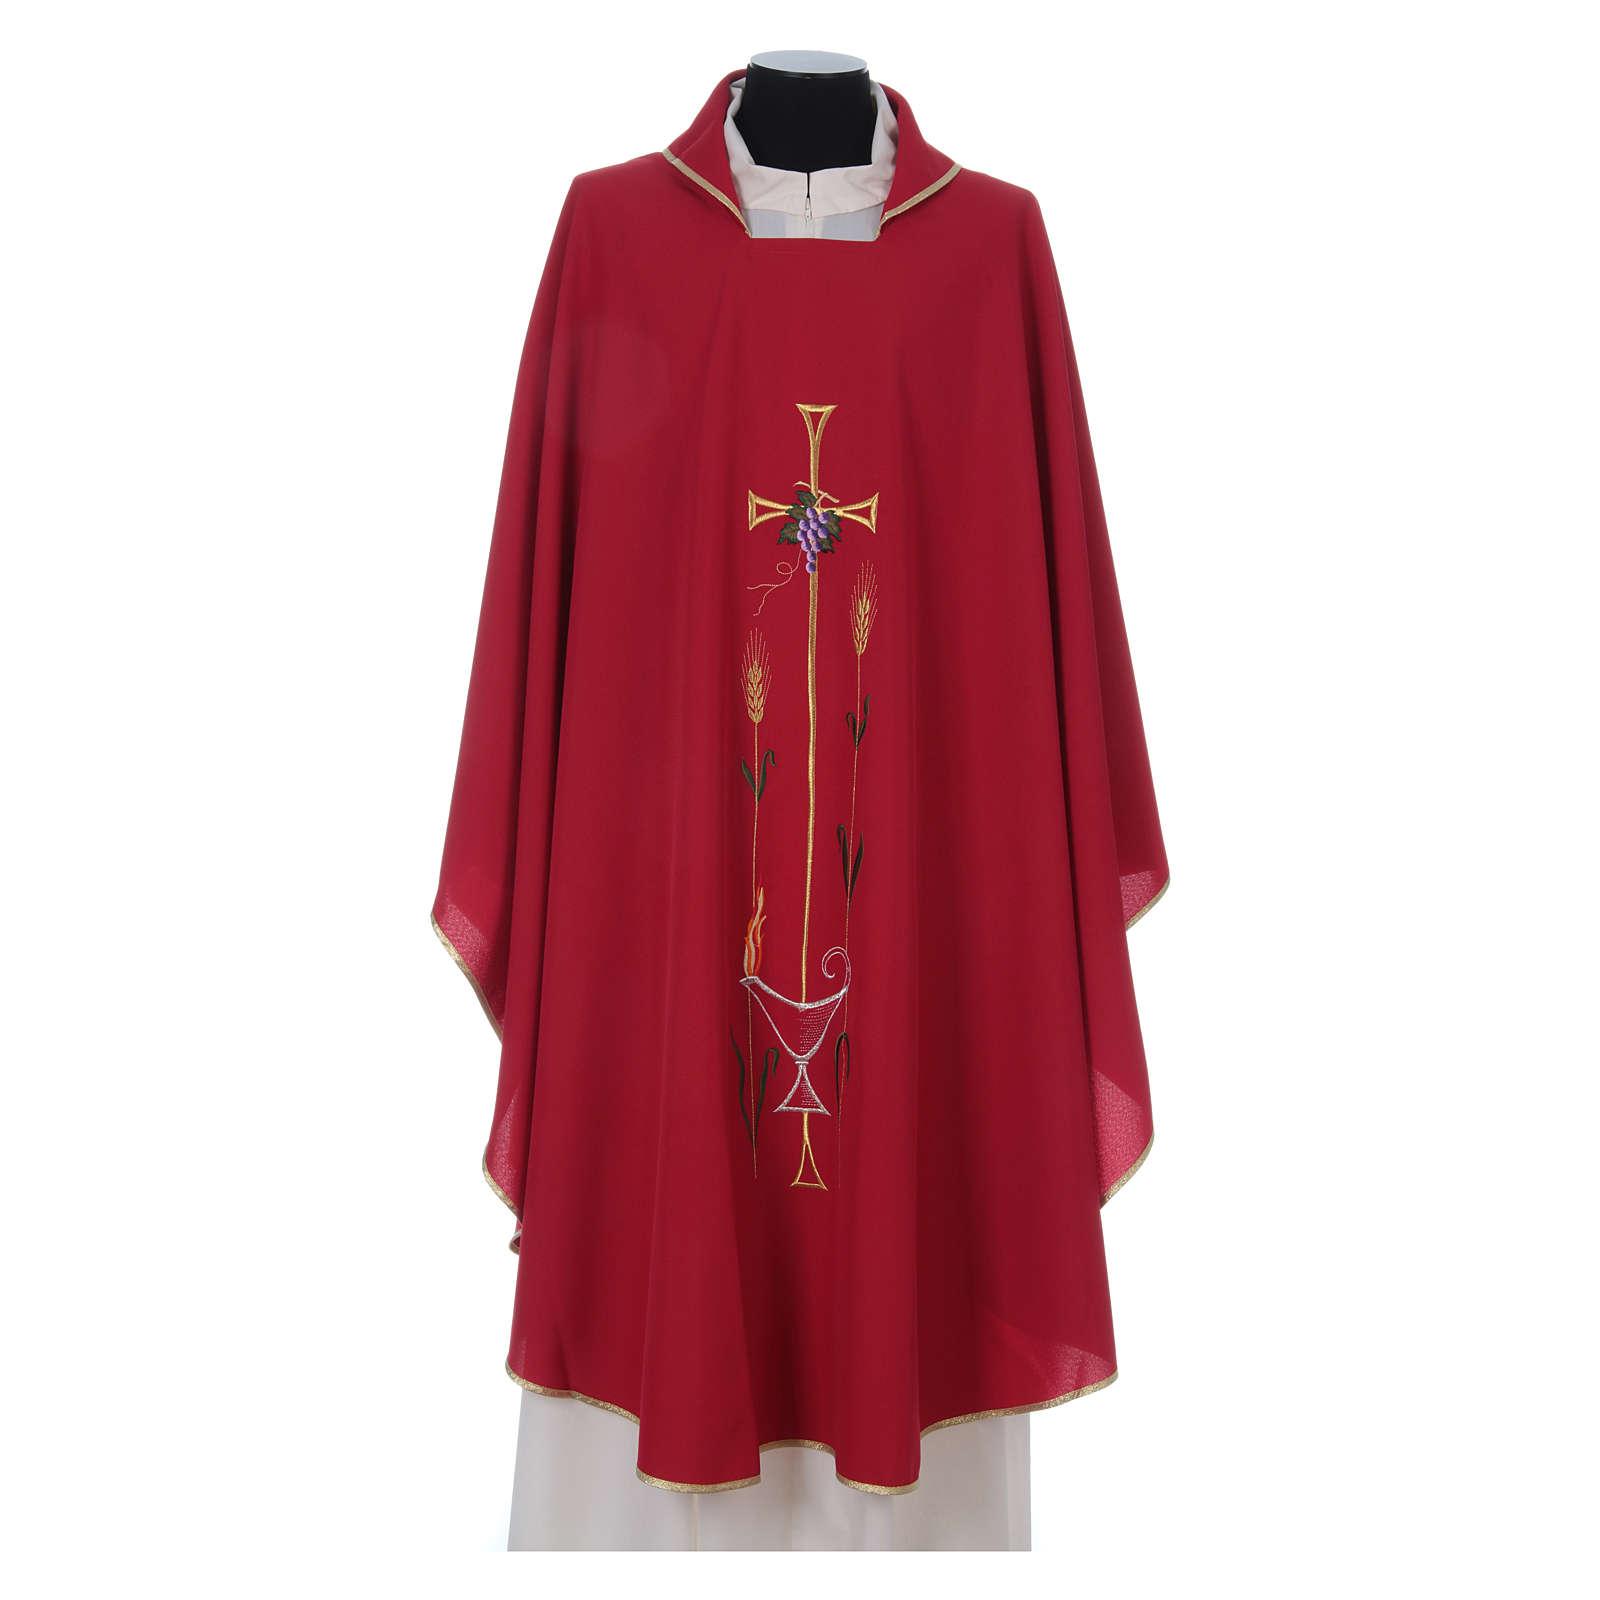 Casula liturgica croce uva lampada, con stola 4